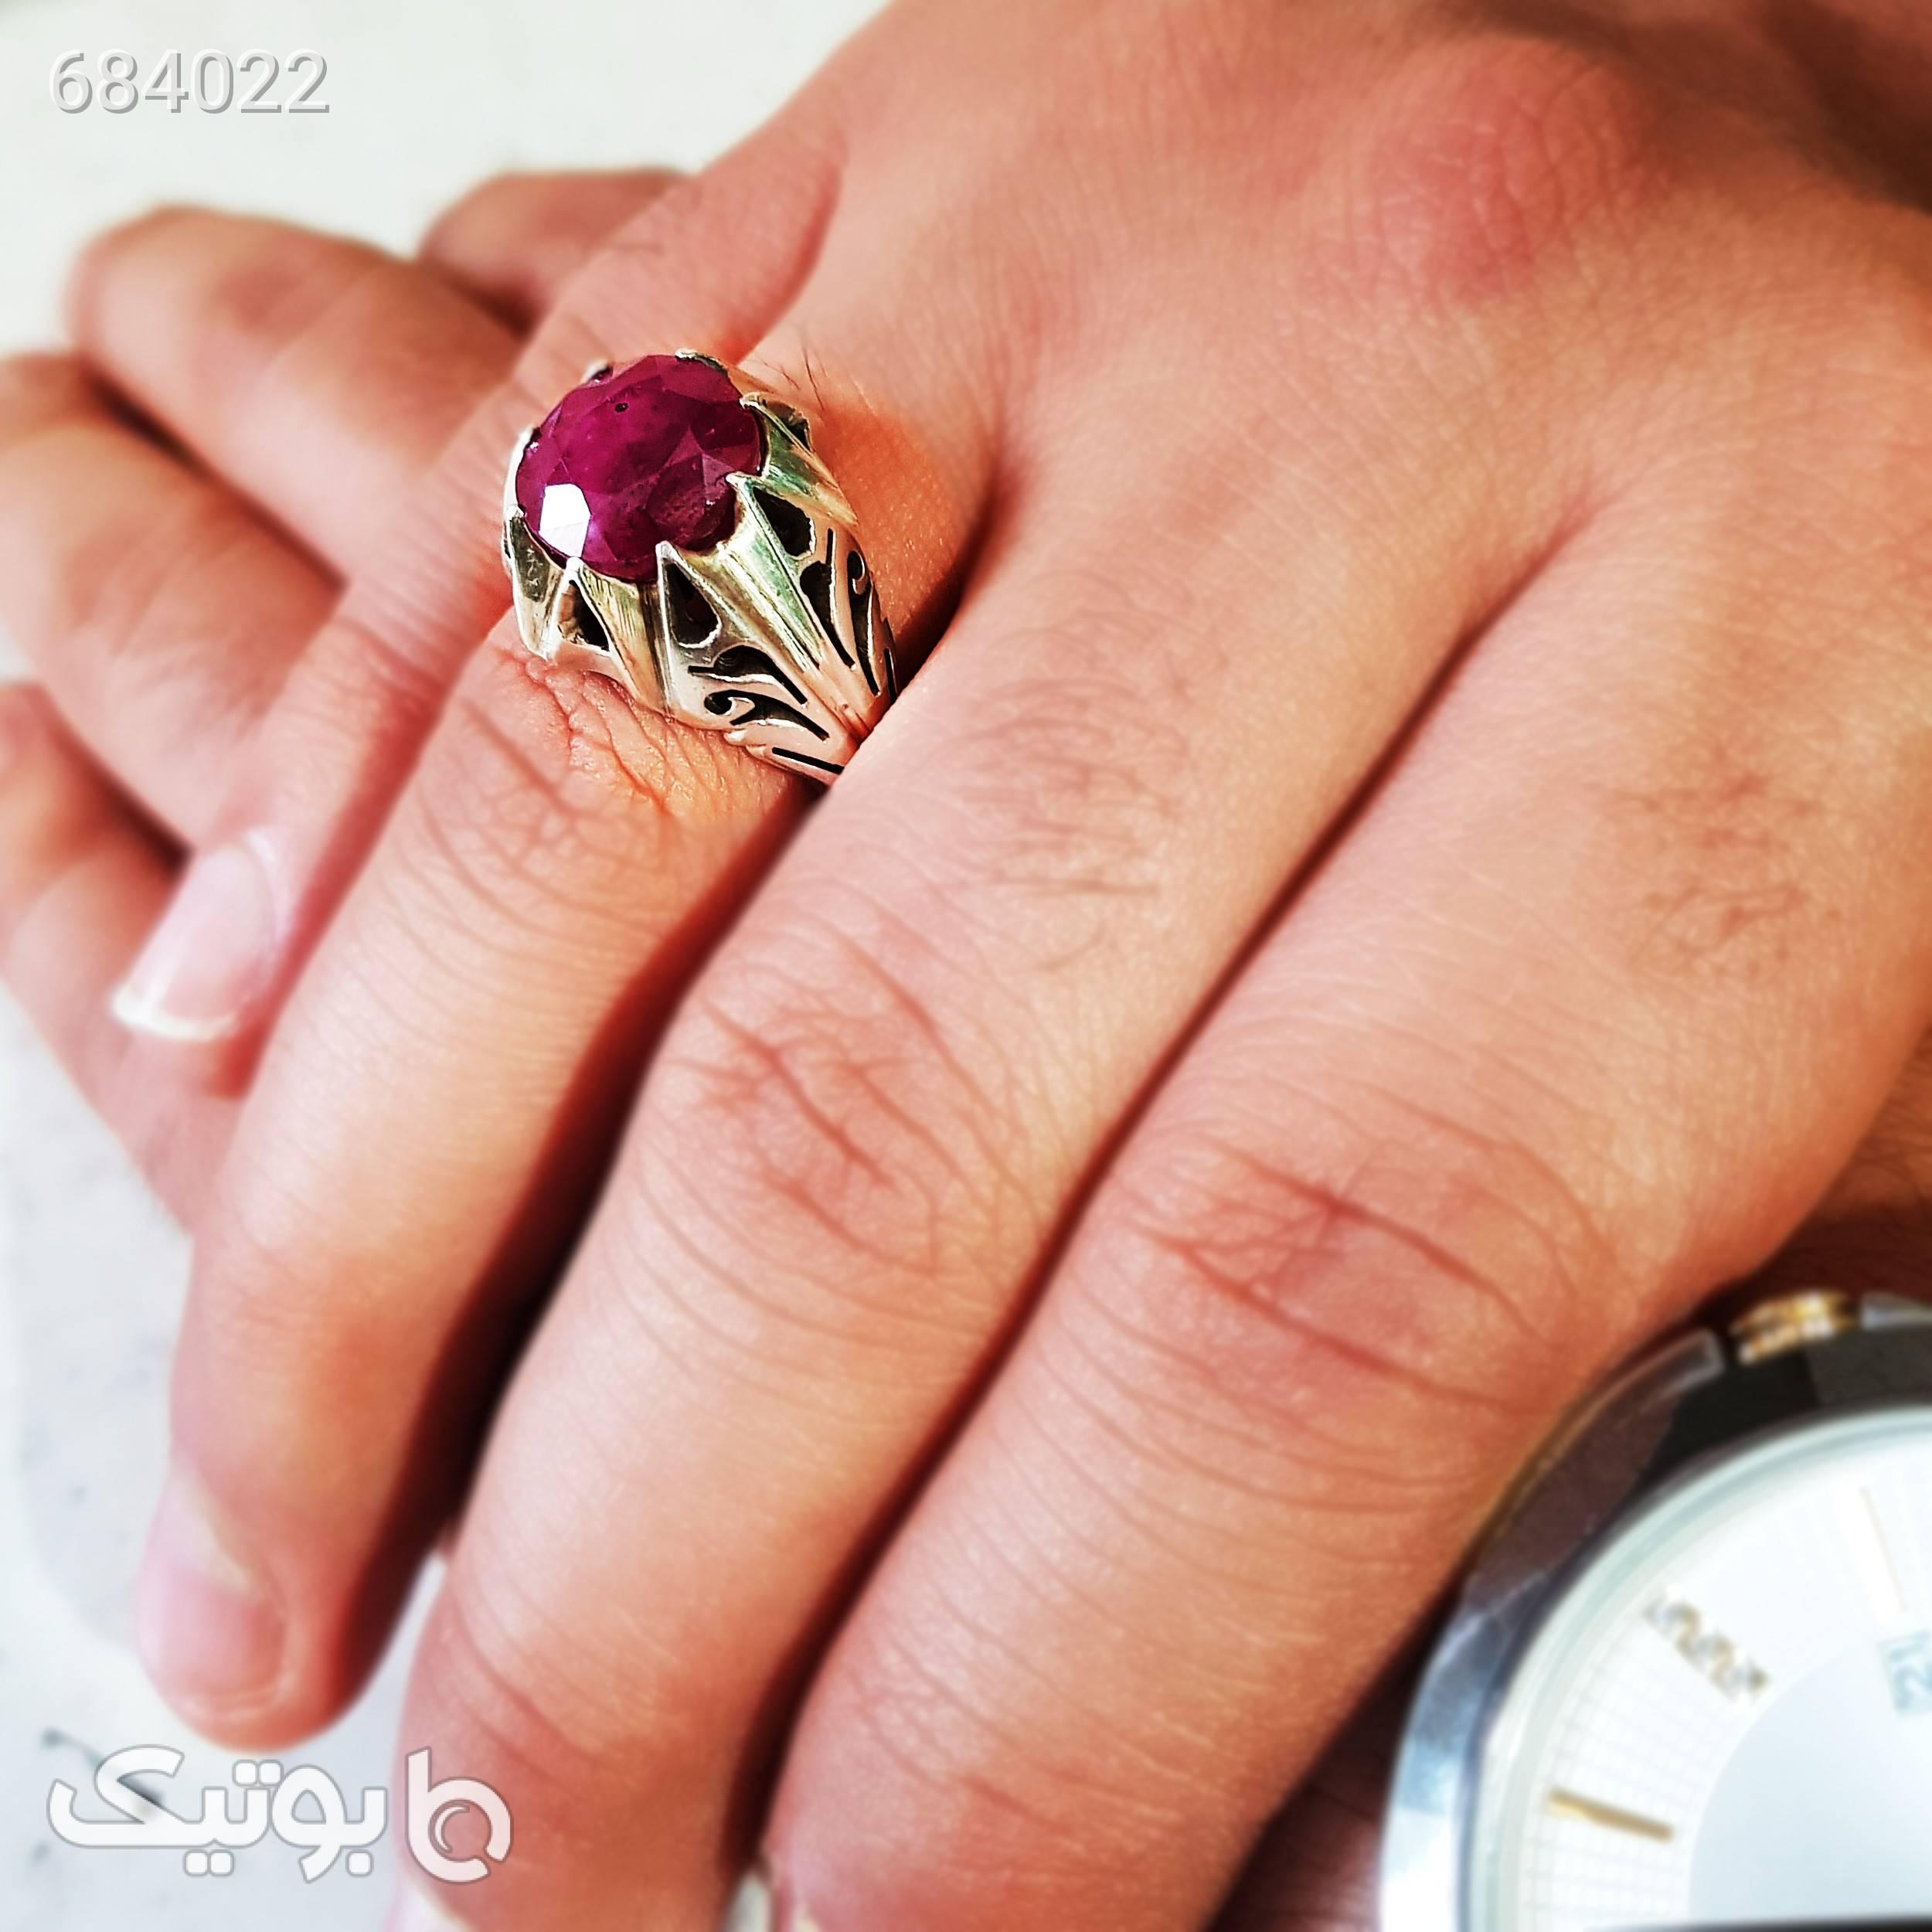 انگشتر نقره مردانه سلین کالا مدل cer012 نقره ای انگشتر